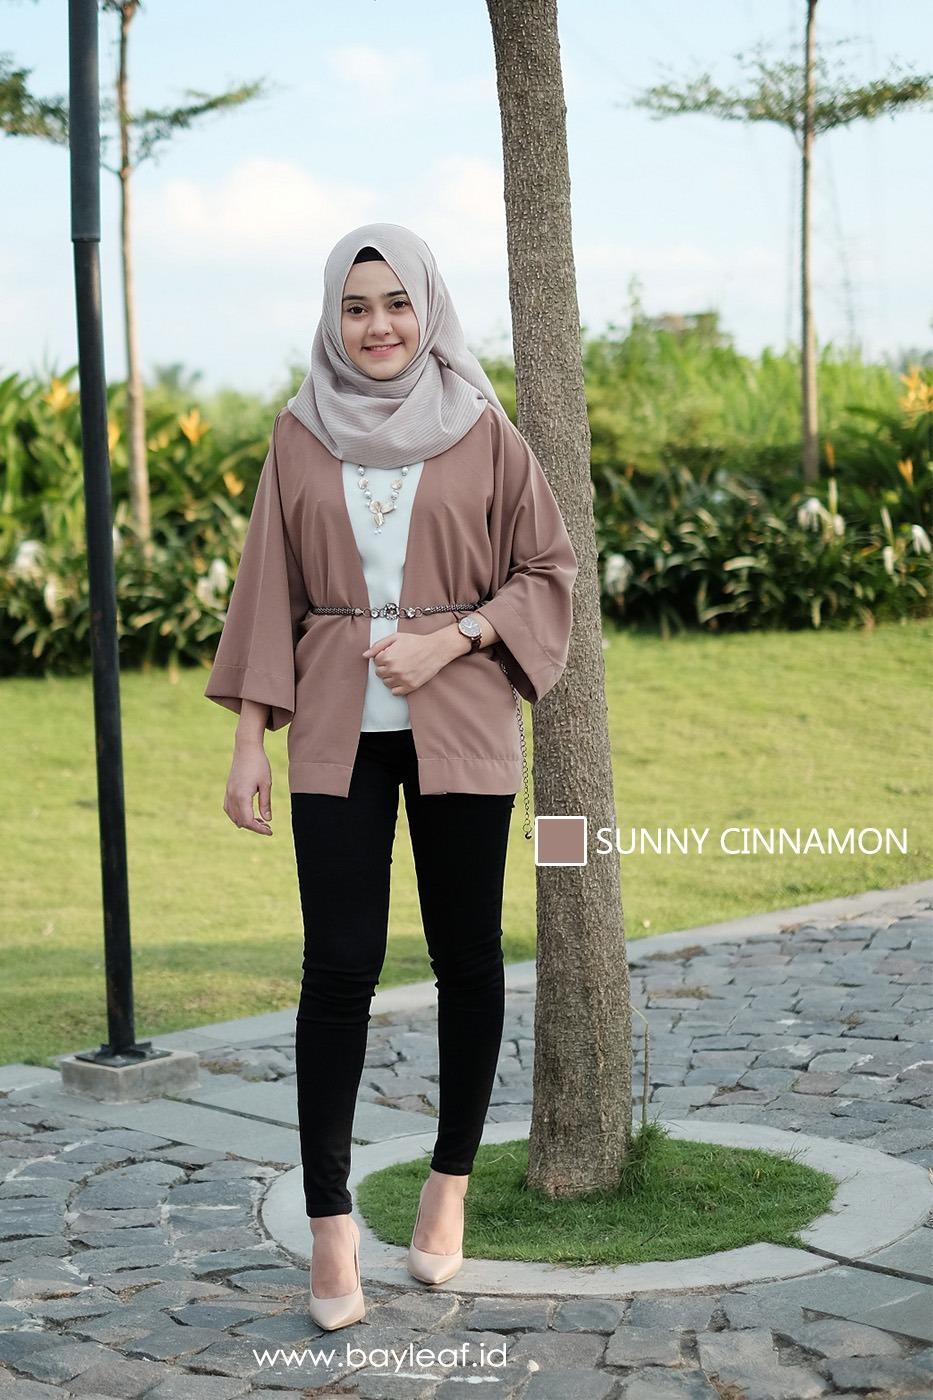 SUNNY CINNAMON 2